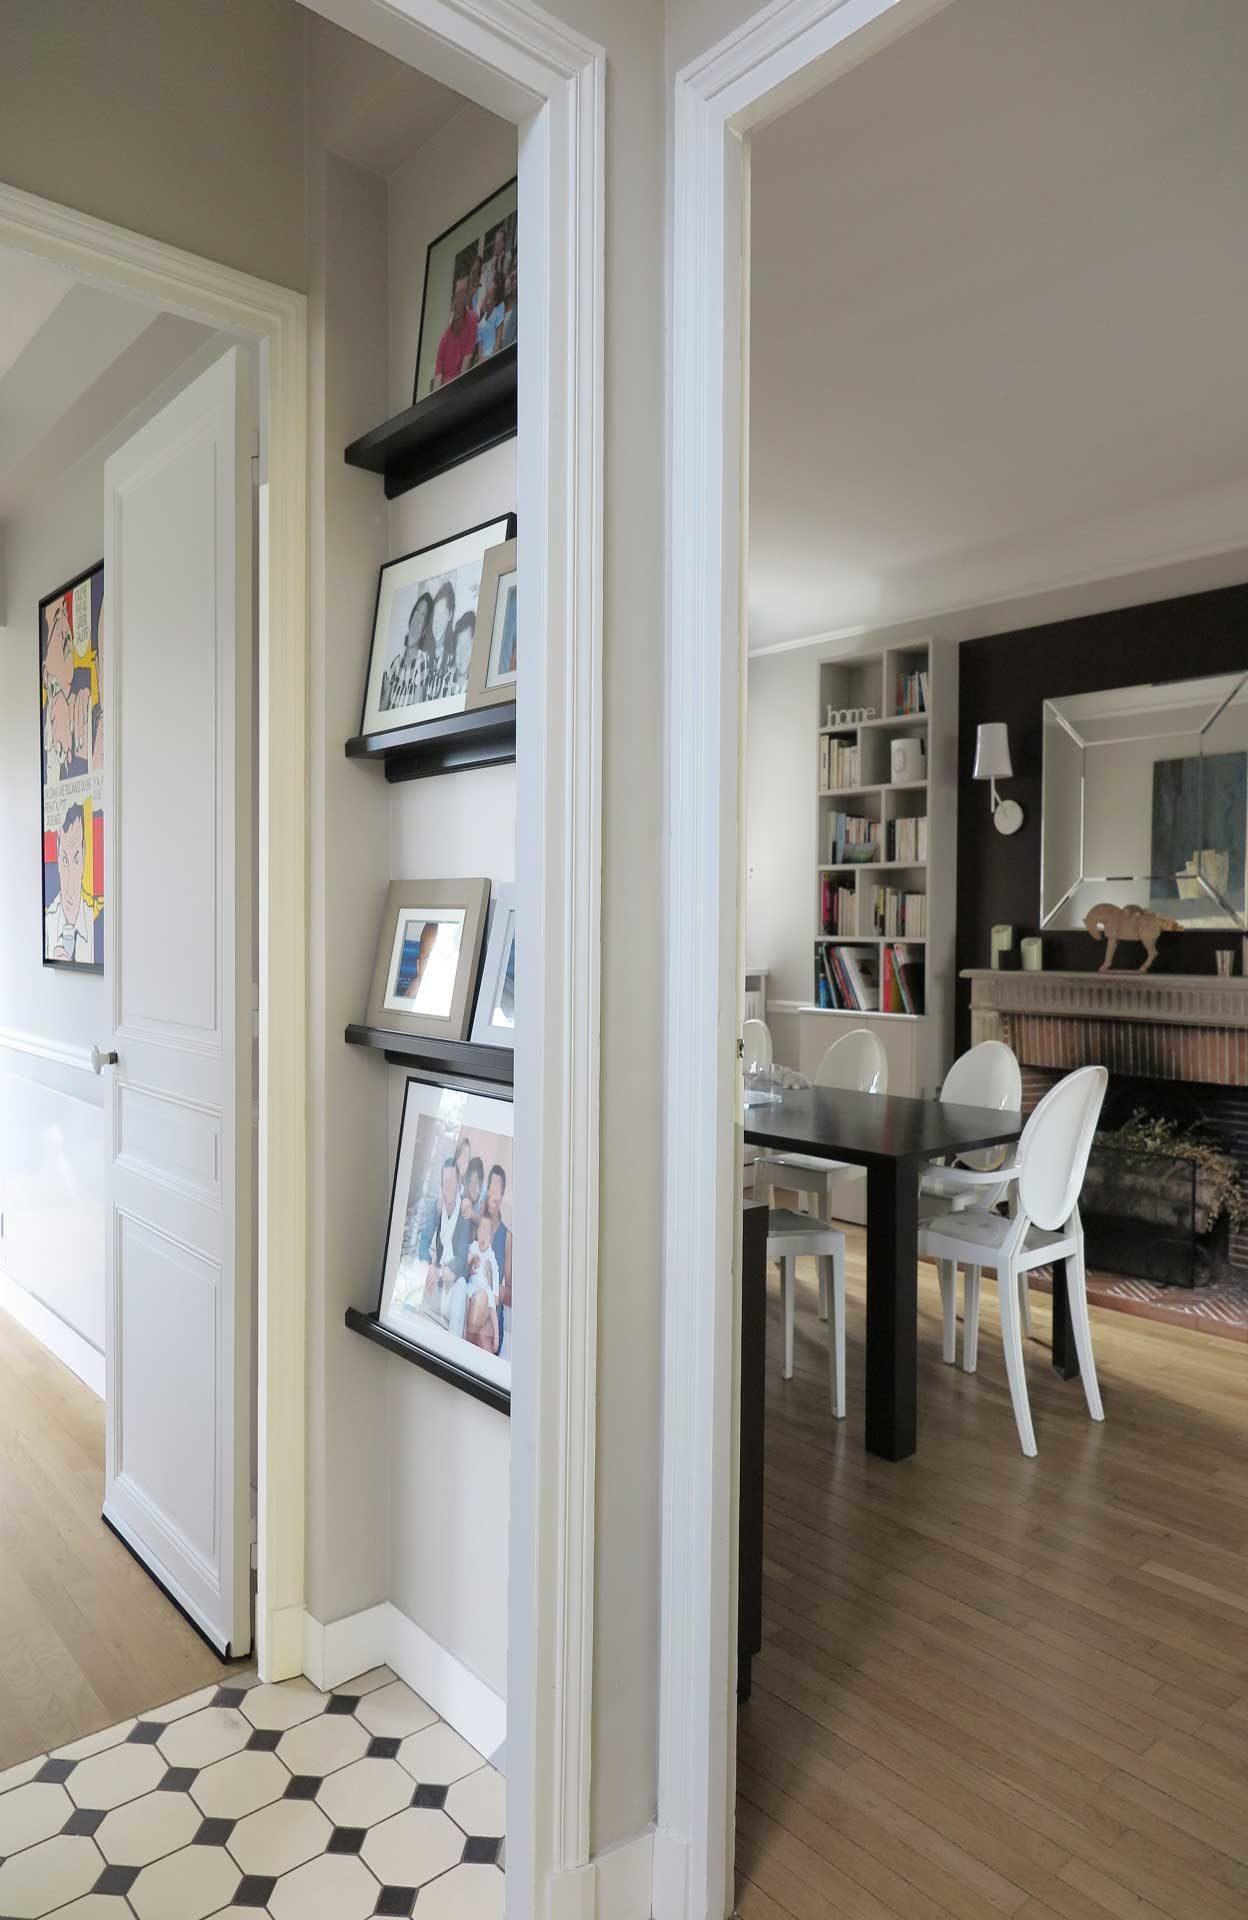 Décoration Entrée De Maison maison de famille | design d'intérieur | décoration